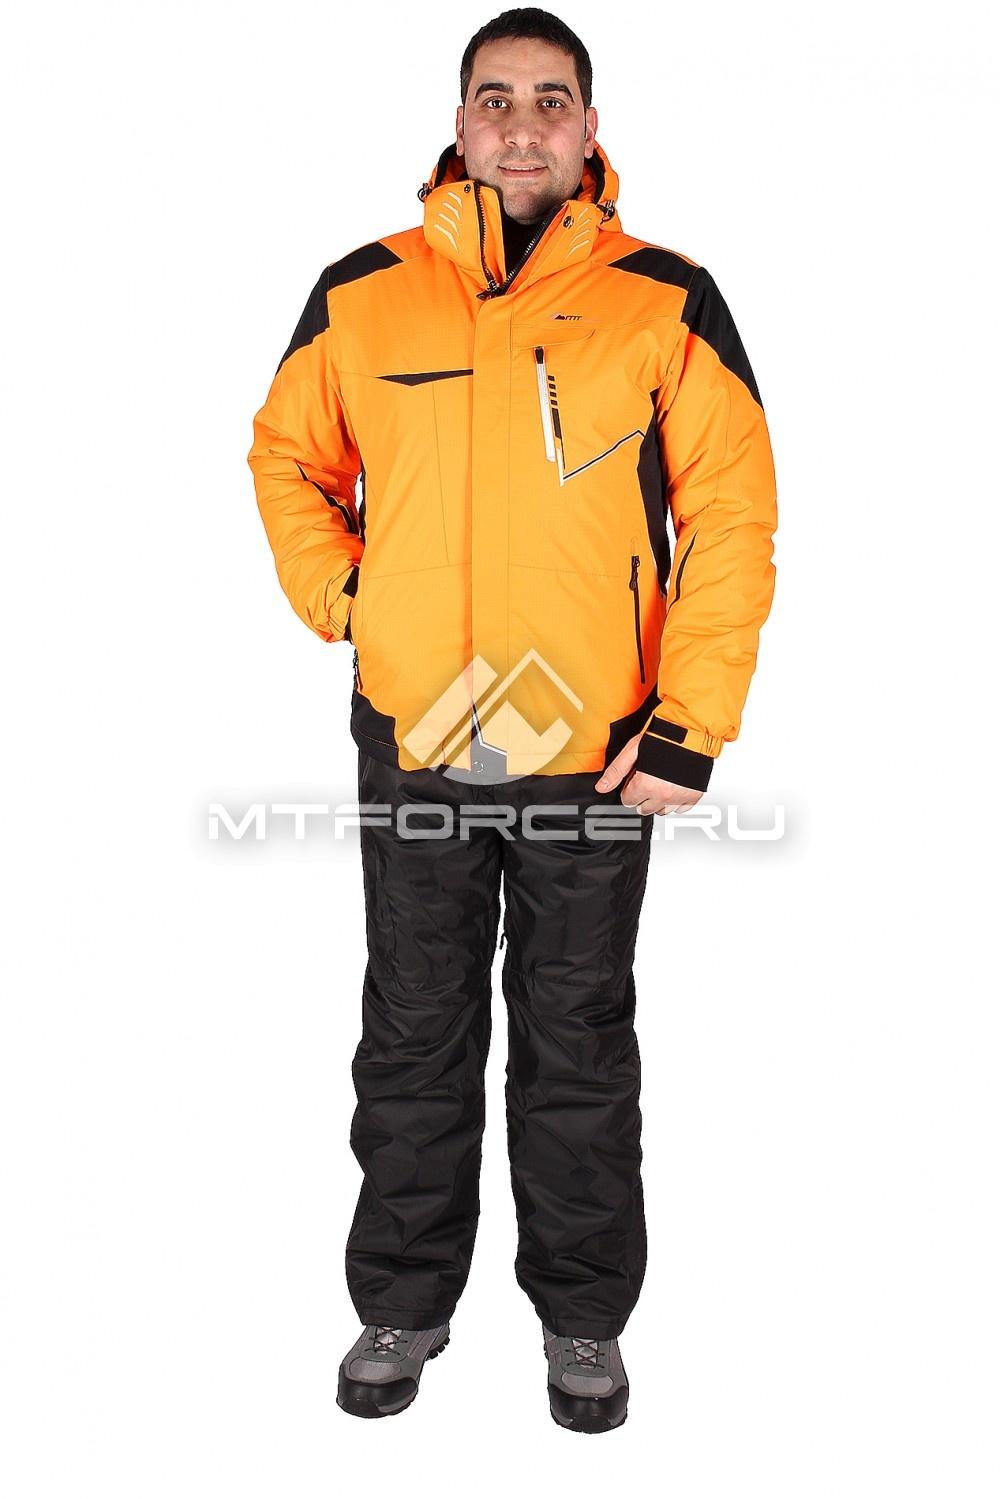 Купить оптом Костюм горнолыжный мужской оранжевого цвета 01553O